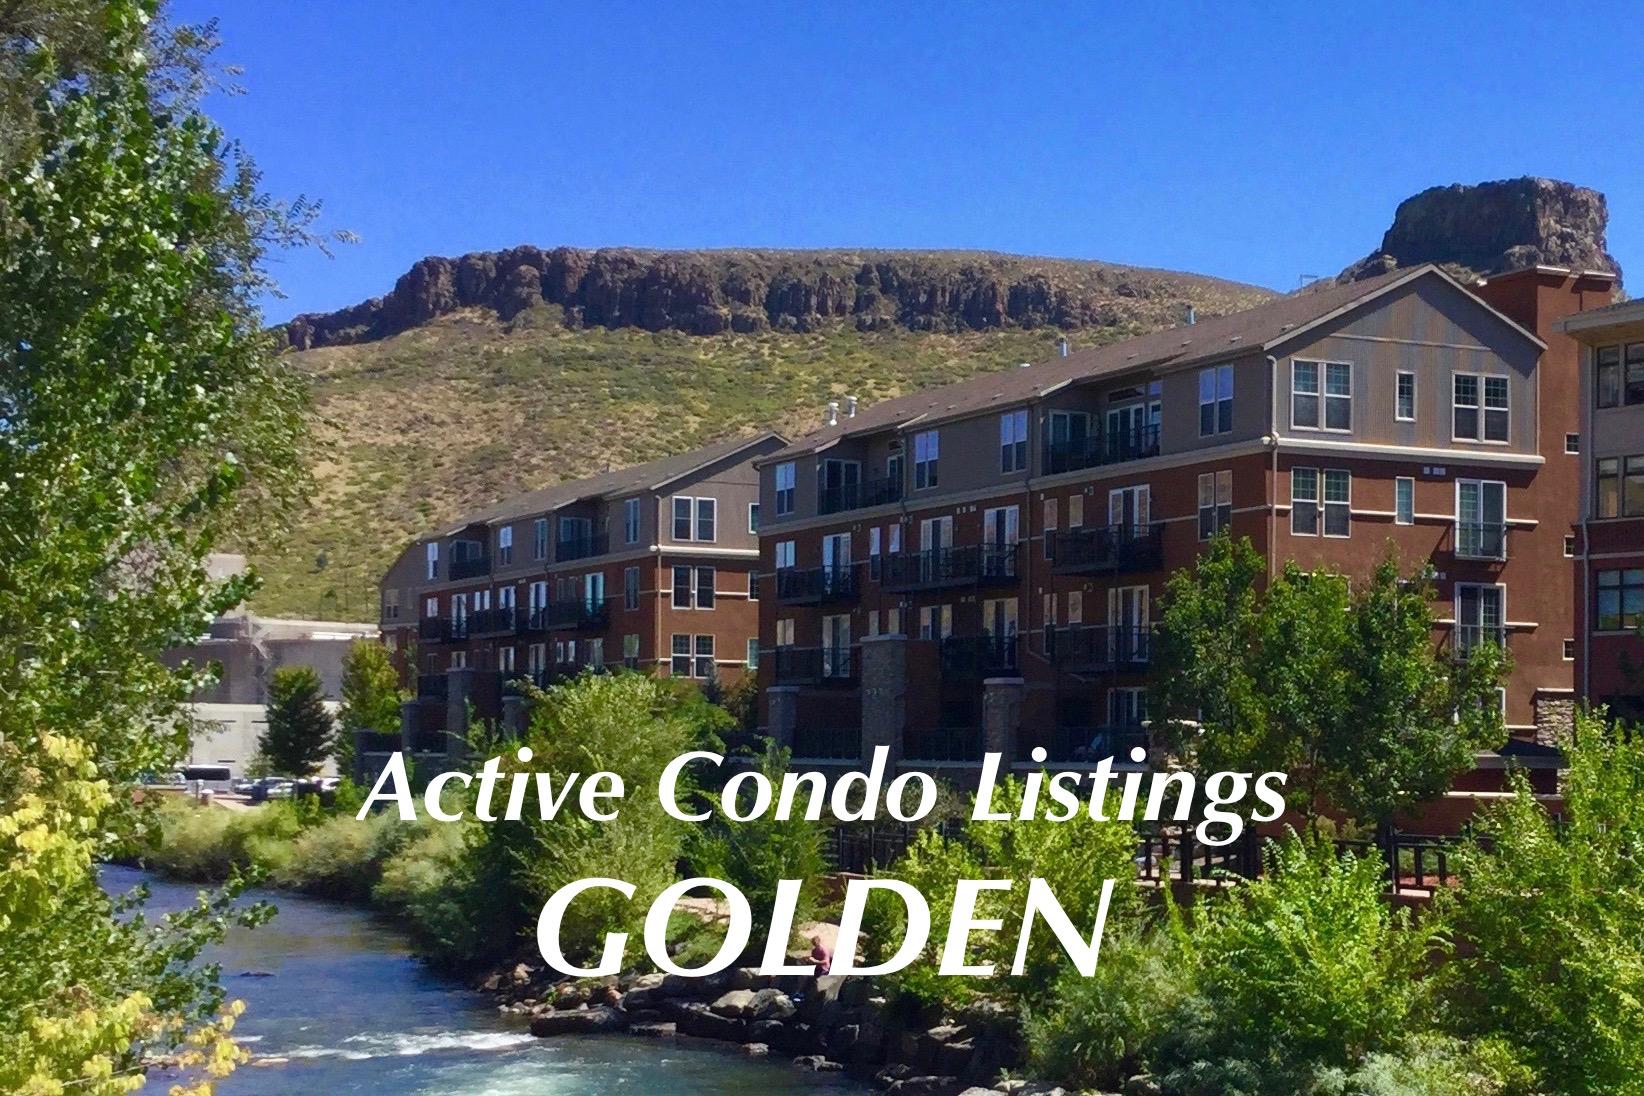 Golden, CO Condos for Sale